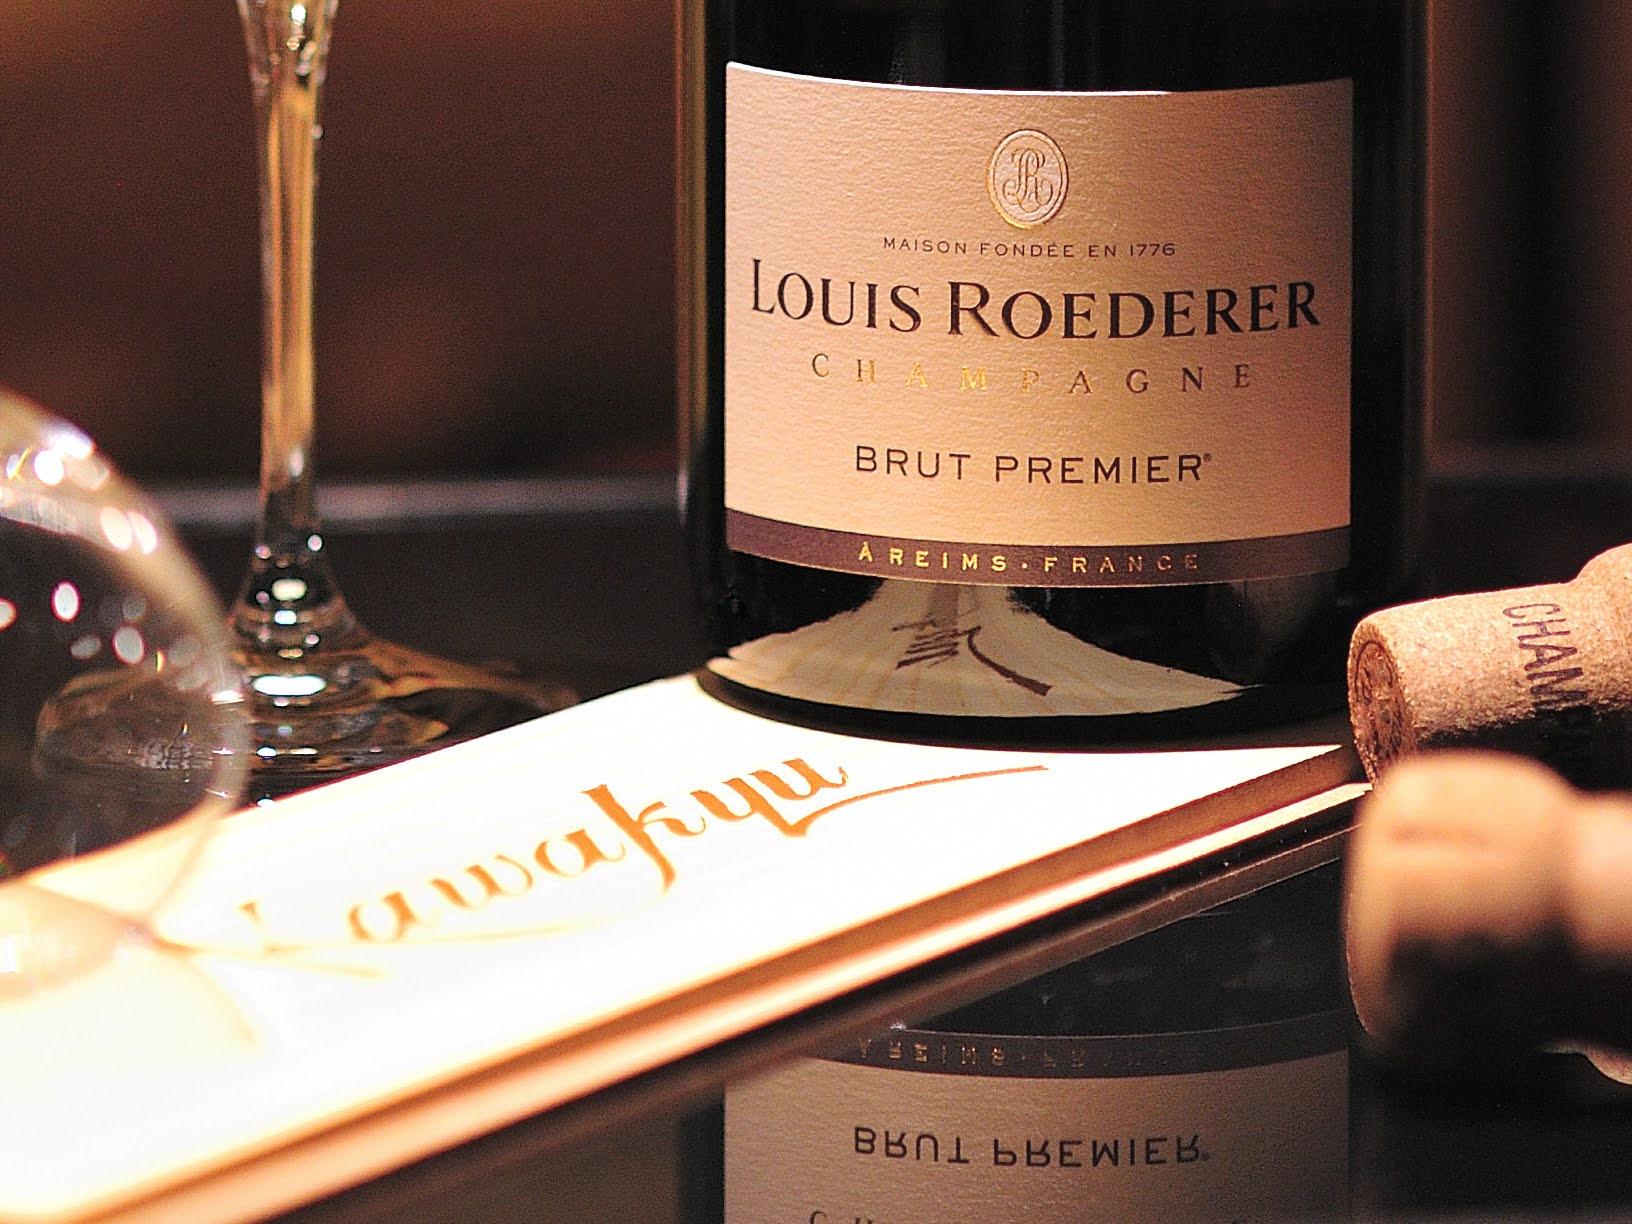 【ホテル川久】 春のシャンパンフェア開催。ワイン通が愛して止まない世界No.1のシャンパーニュメゾン【ルイ・ロデレール】のキュヴェが期間限定で登場。